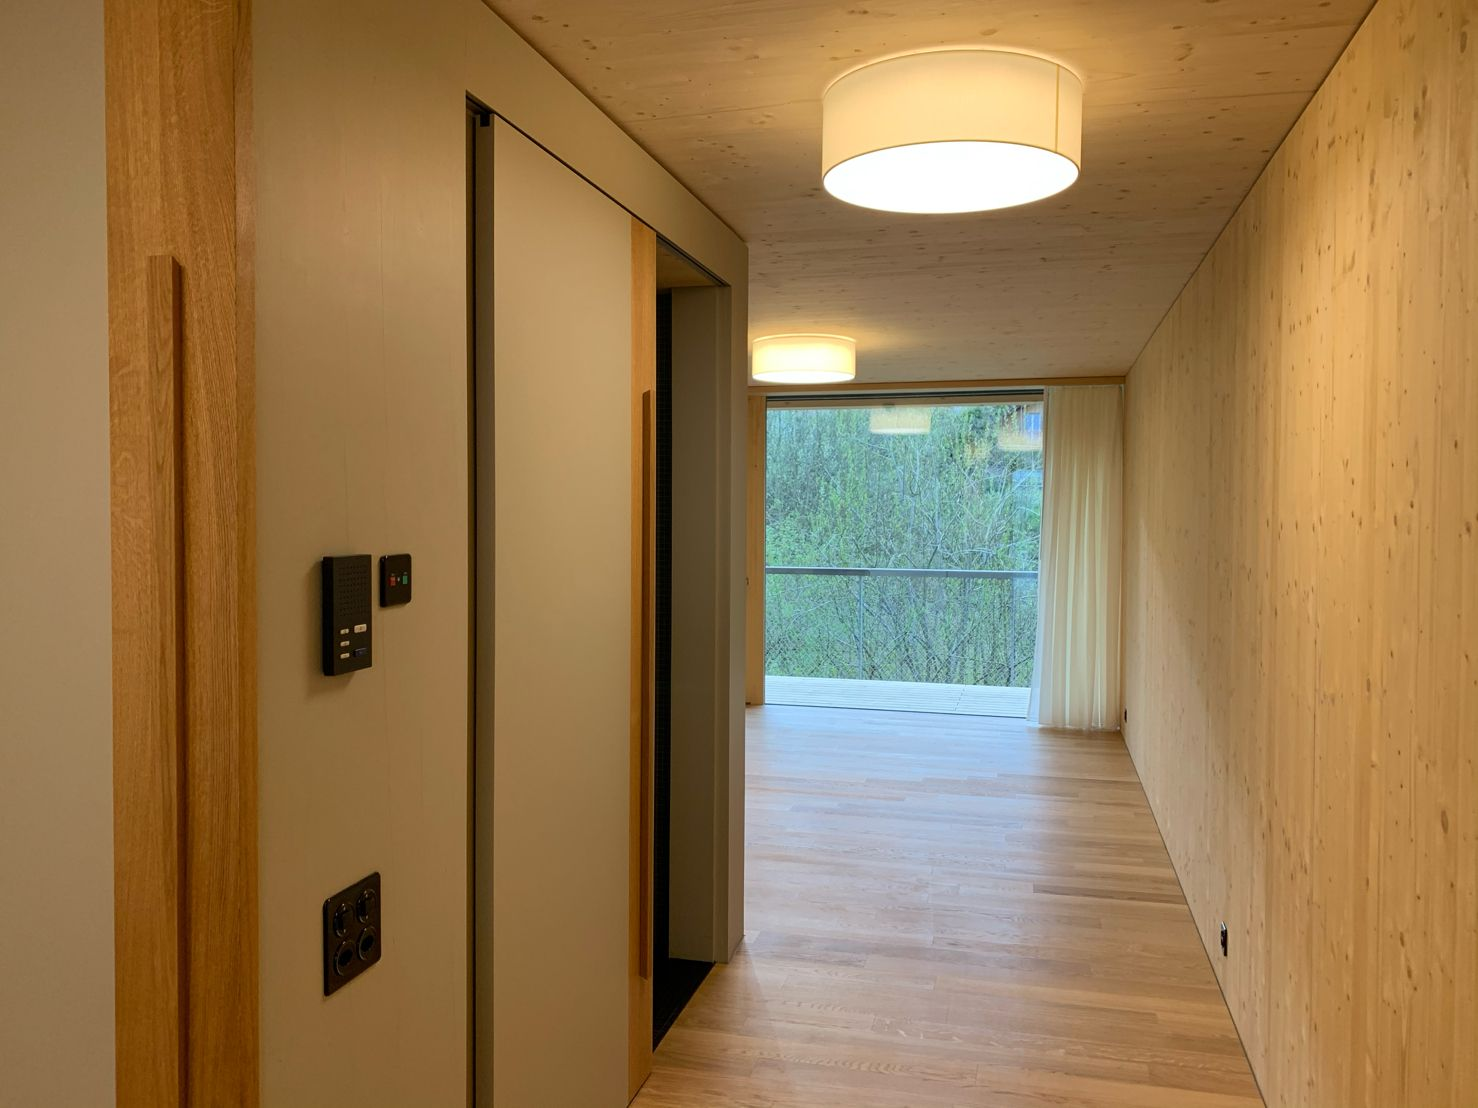 Gebäudetechnik ETAVIS Obesunne. Pflegenahes Wohnen